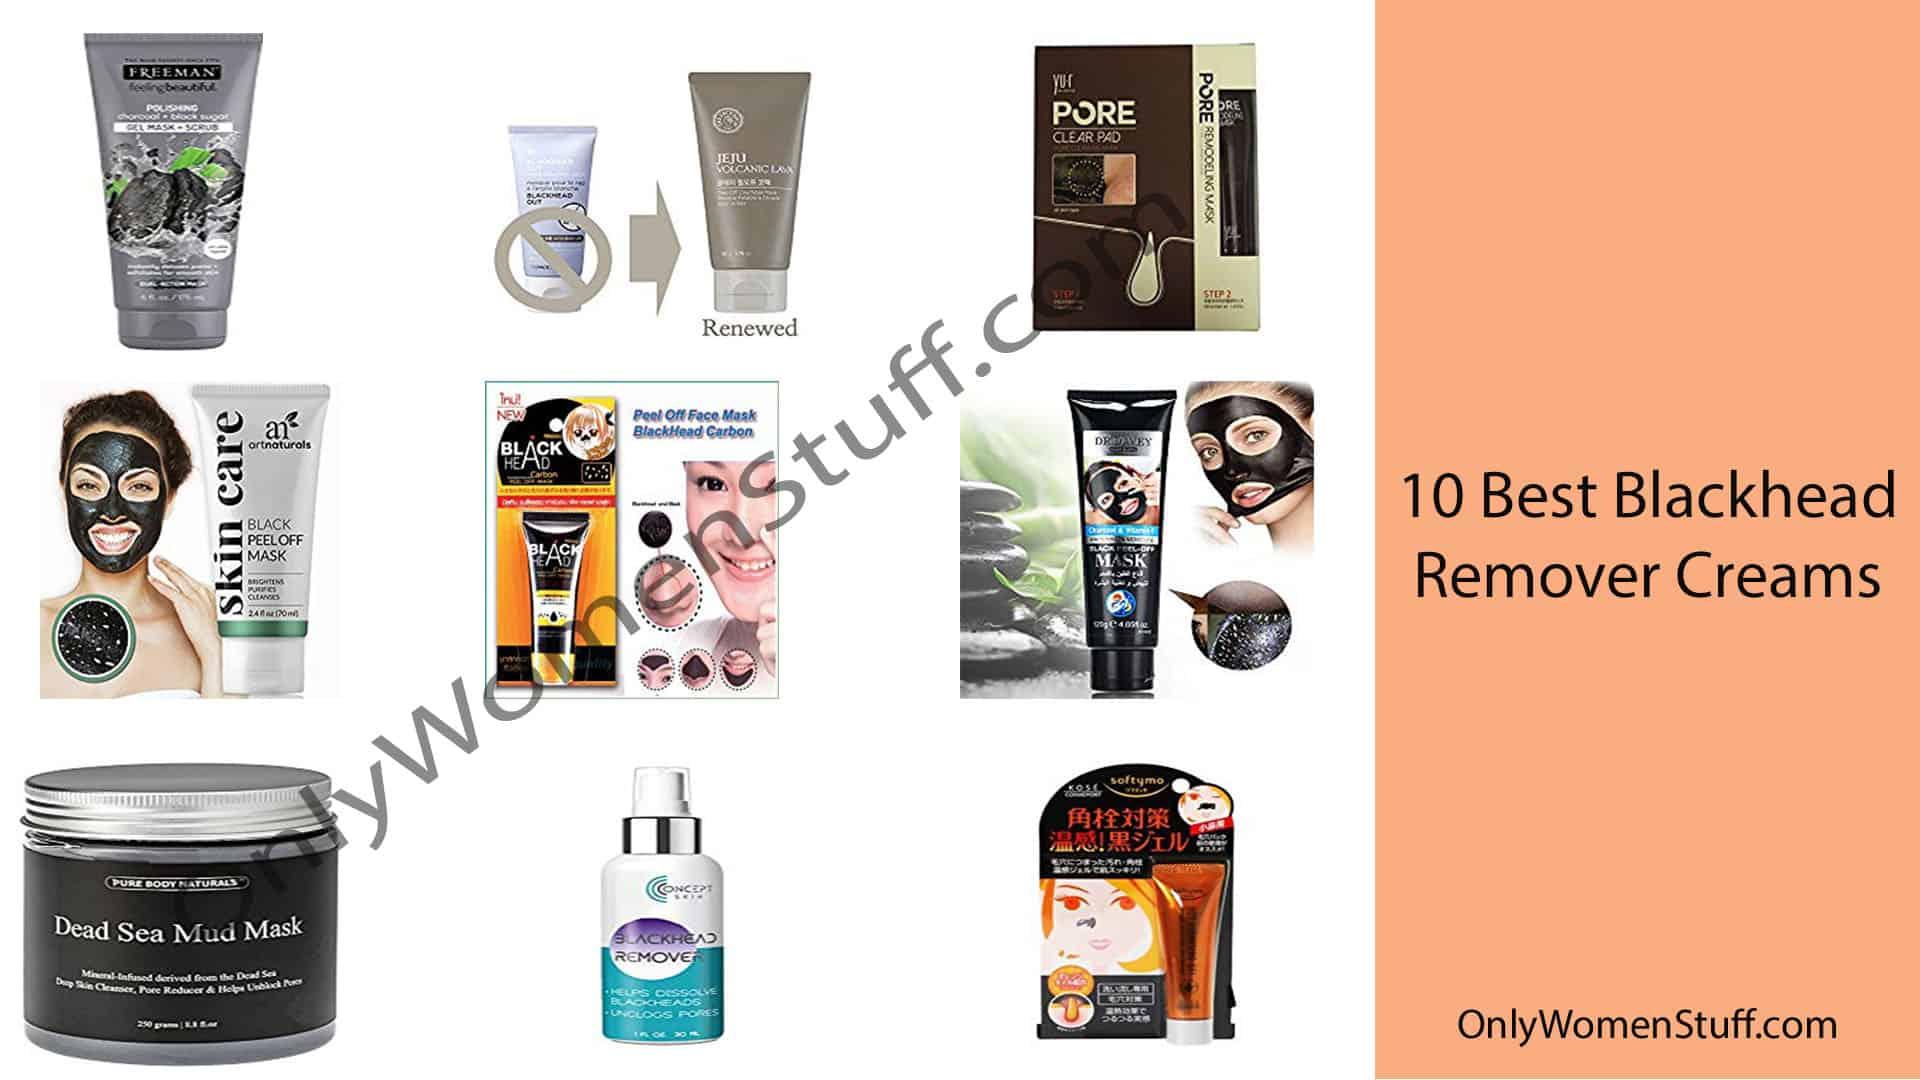 blackhead removal cream best blackhead remover product blackheads cream name best cream to remove blackheads best blackhead remover mask5